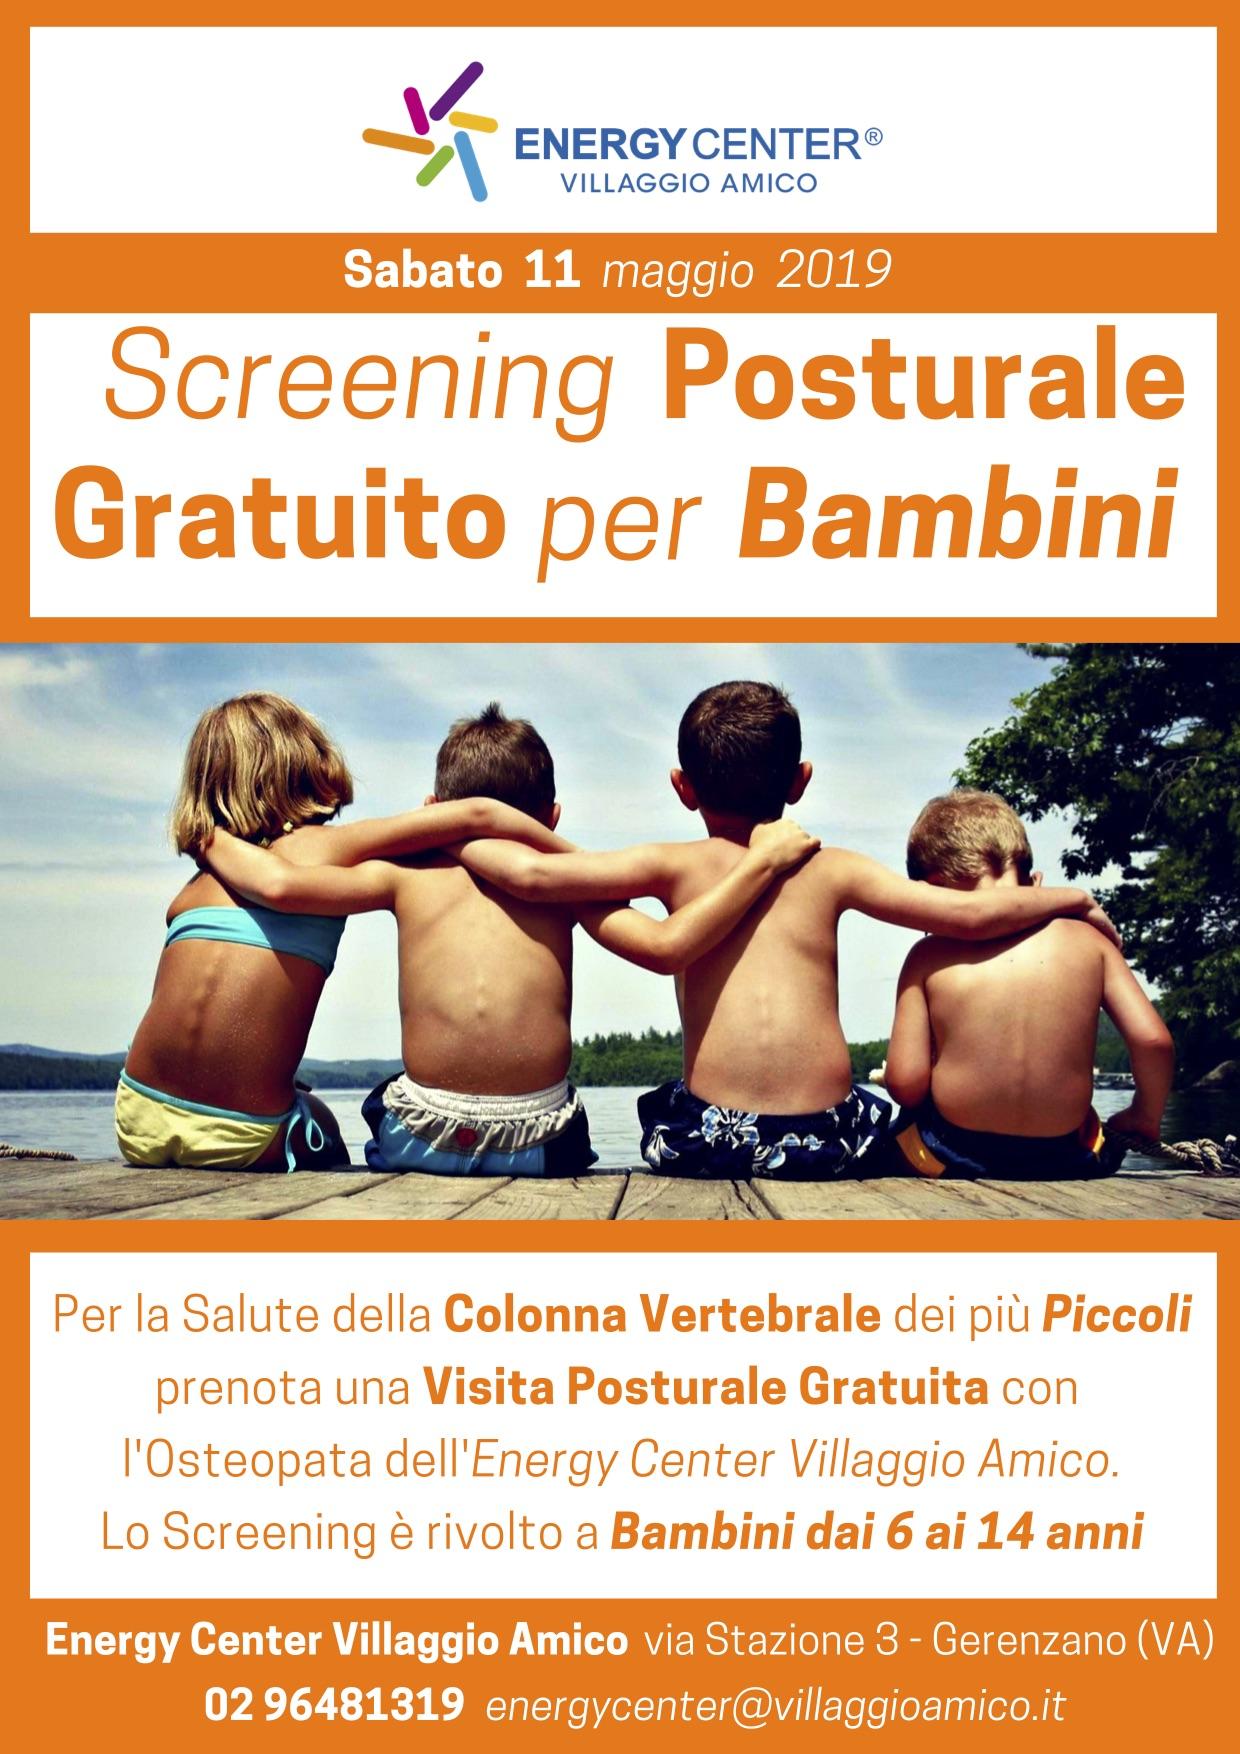 Bambini, scuola e scoliosi: prevenire è meglio che curare. A Villaggio Amico screening posturale gratuito sabato 11 maggio